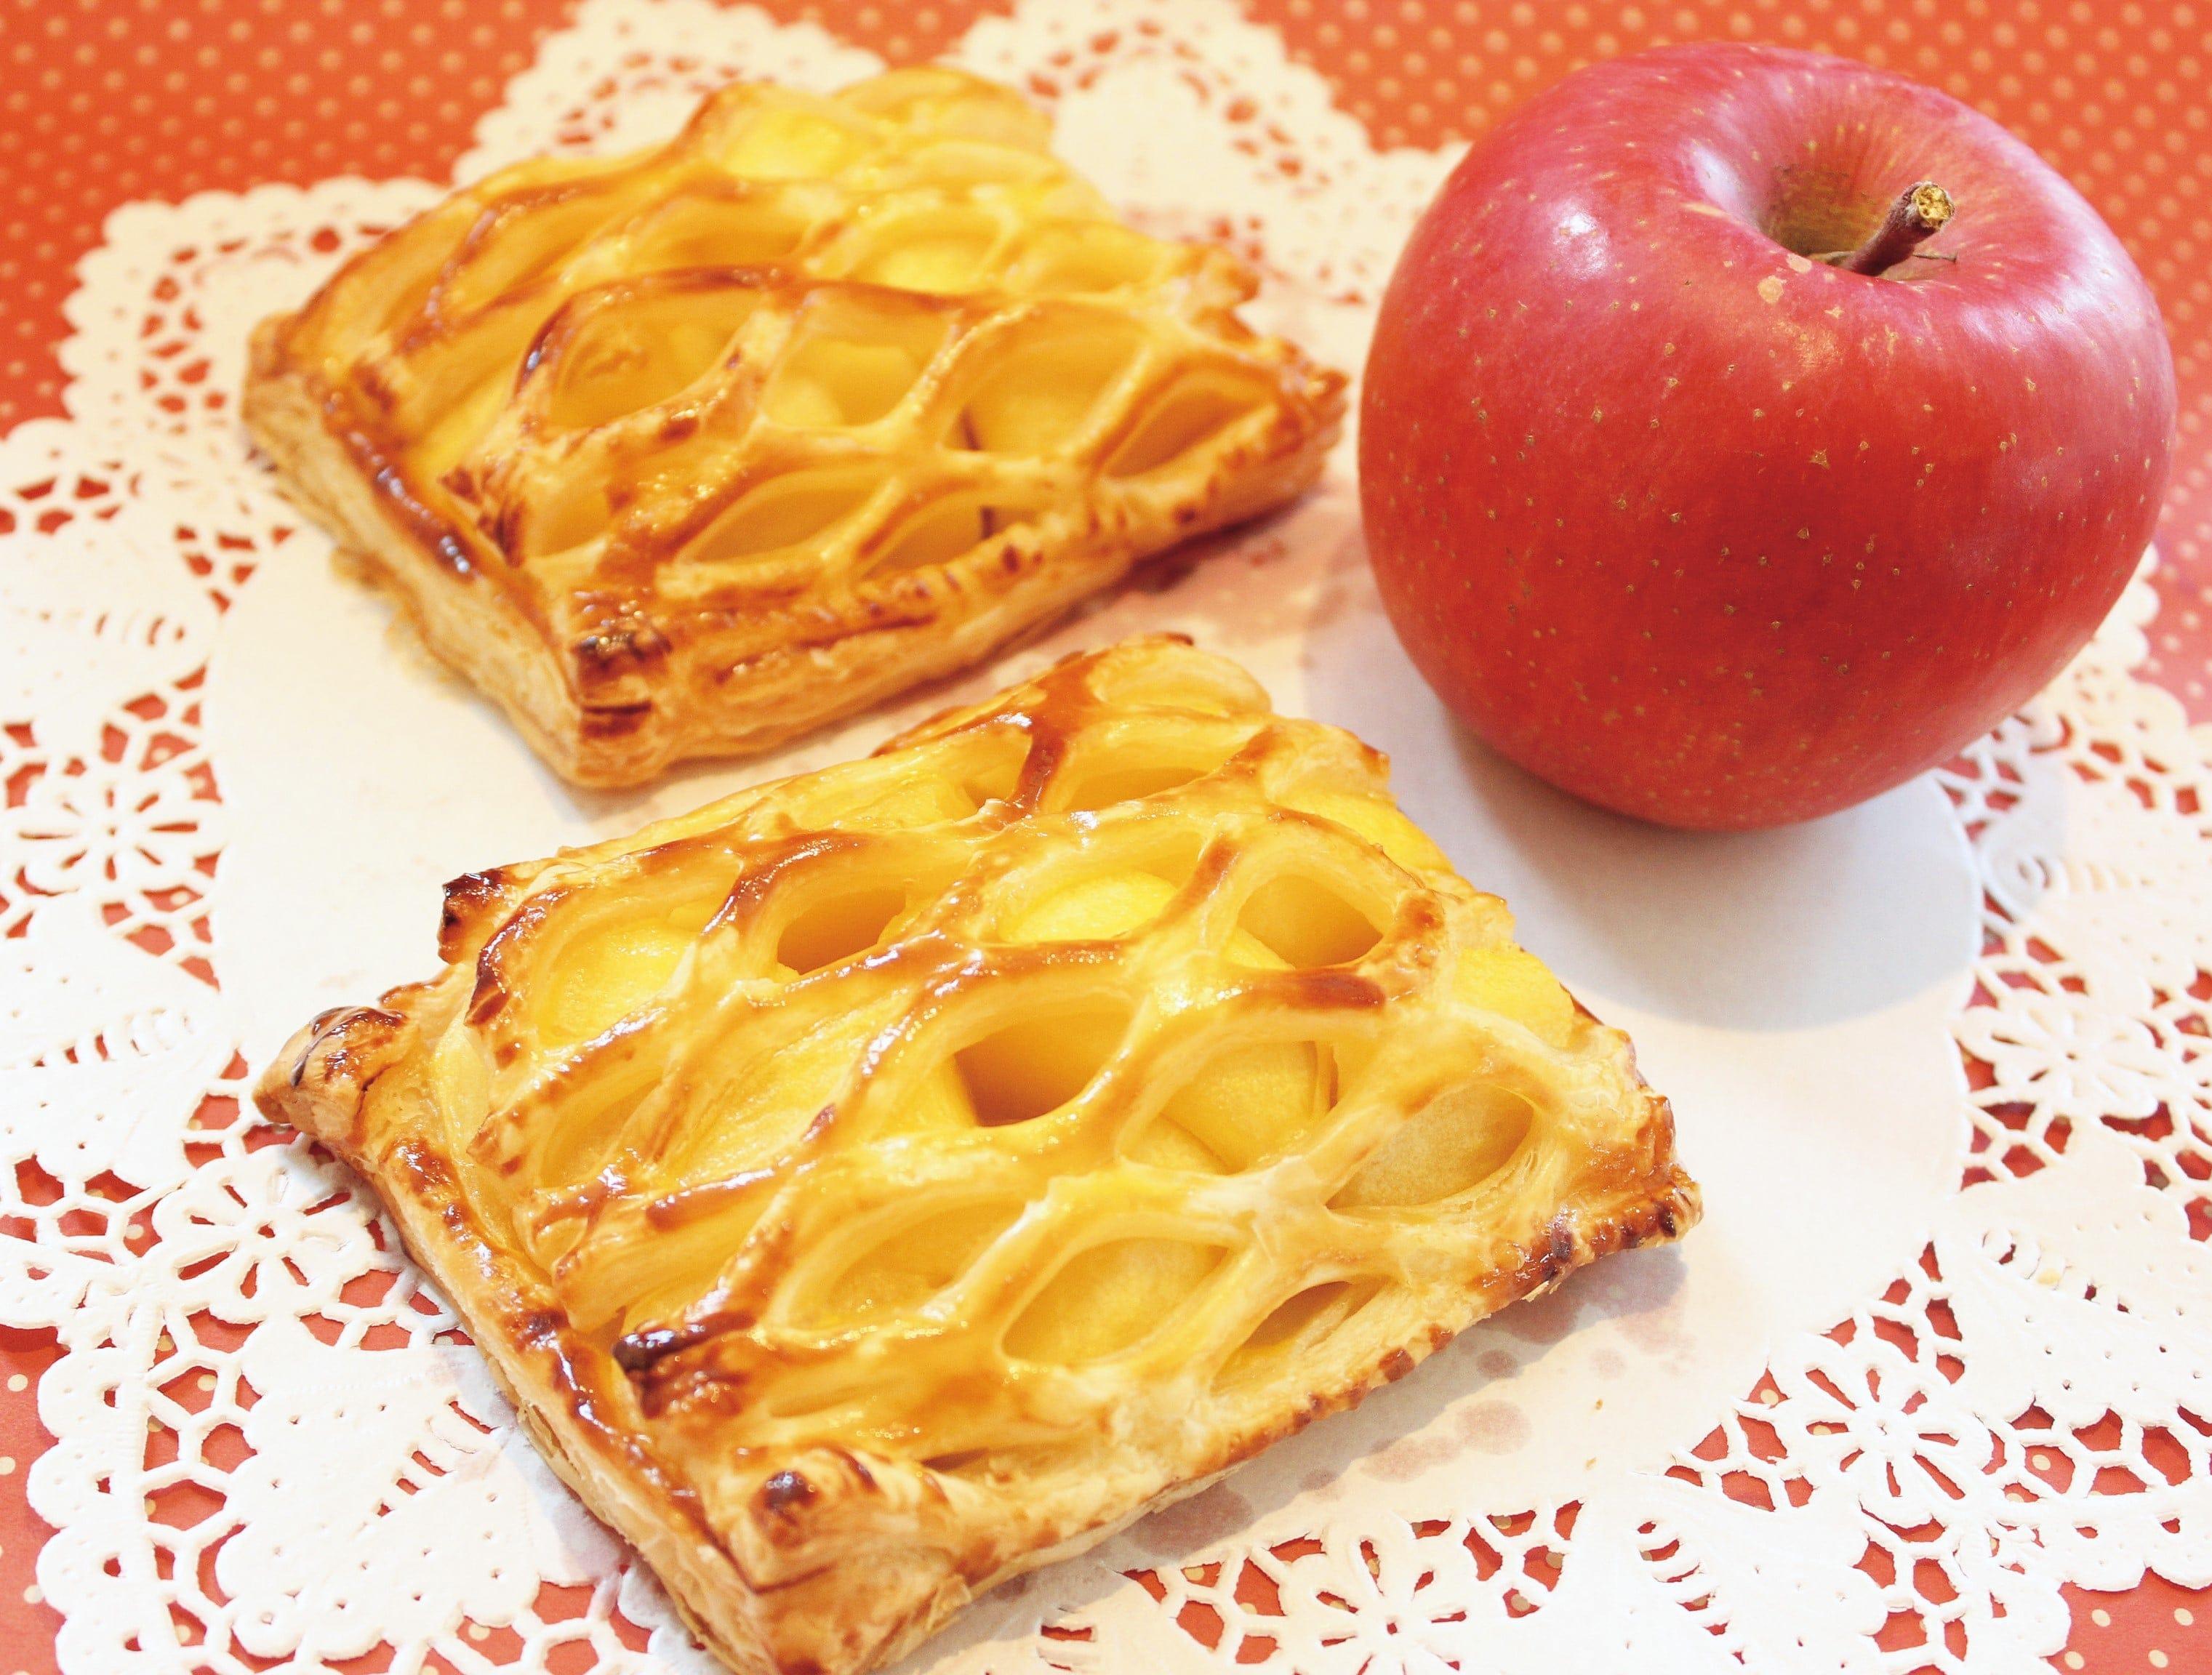 【11/30店頭受取限定】季節限定贅沢アップルパイのイメージその4